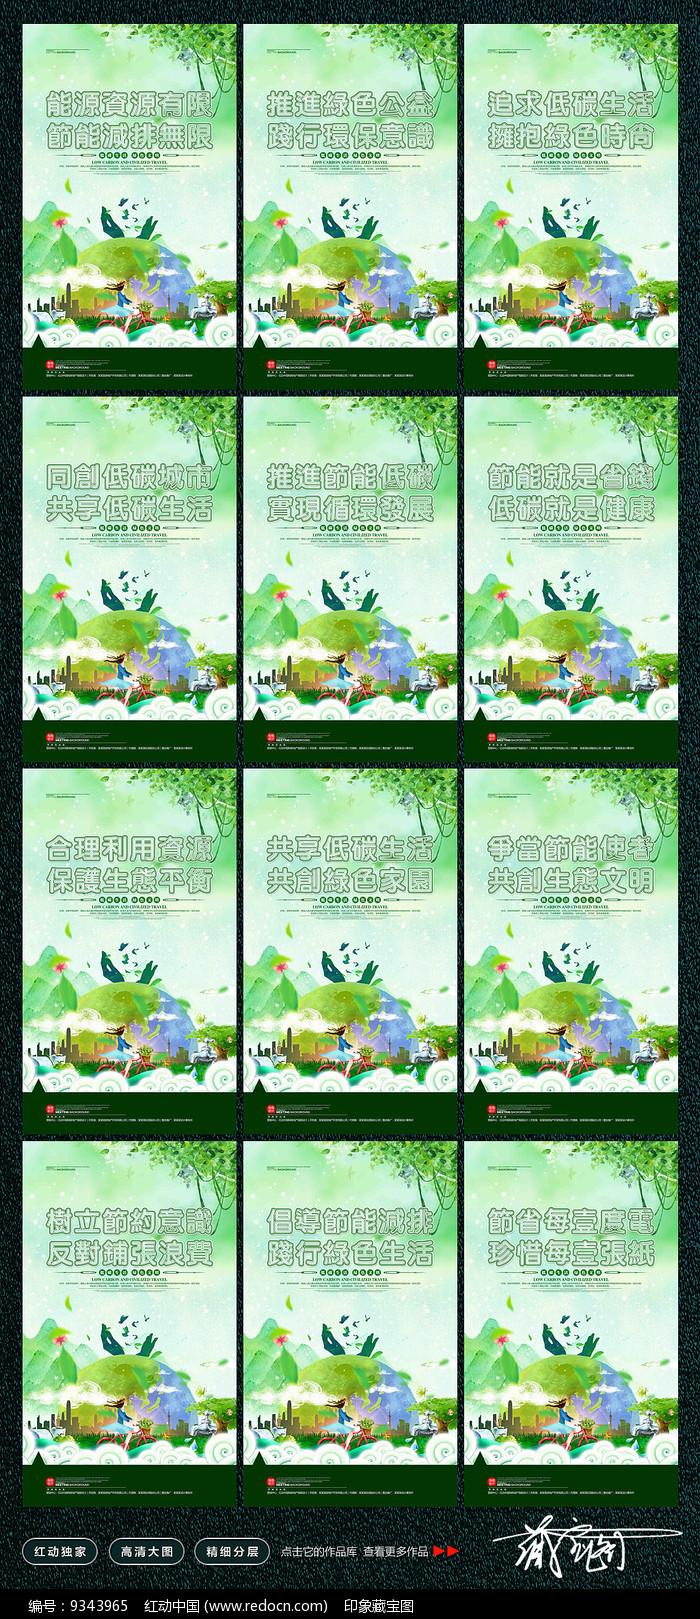 绿色城市低碳环保宣传展板图片